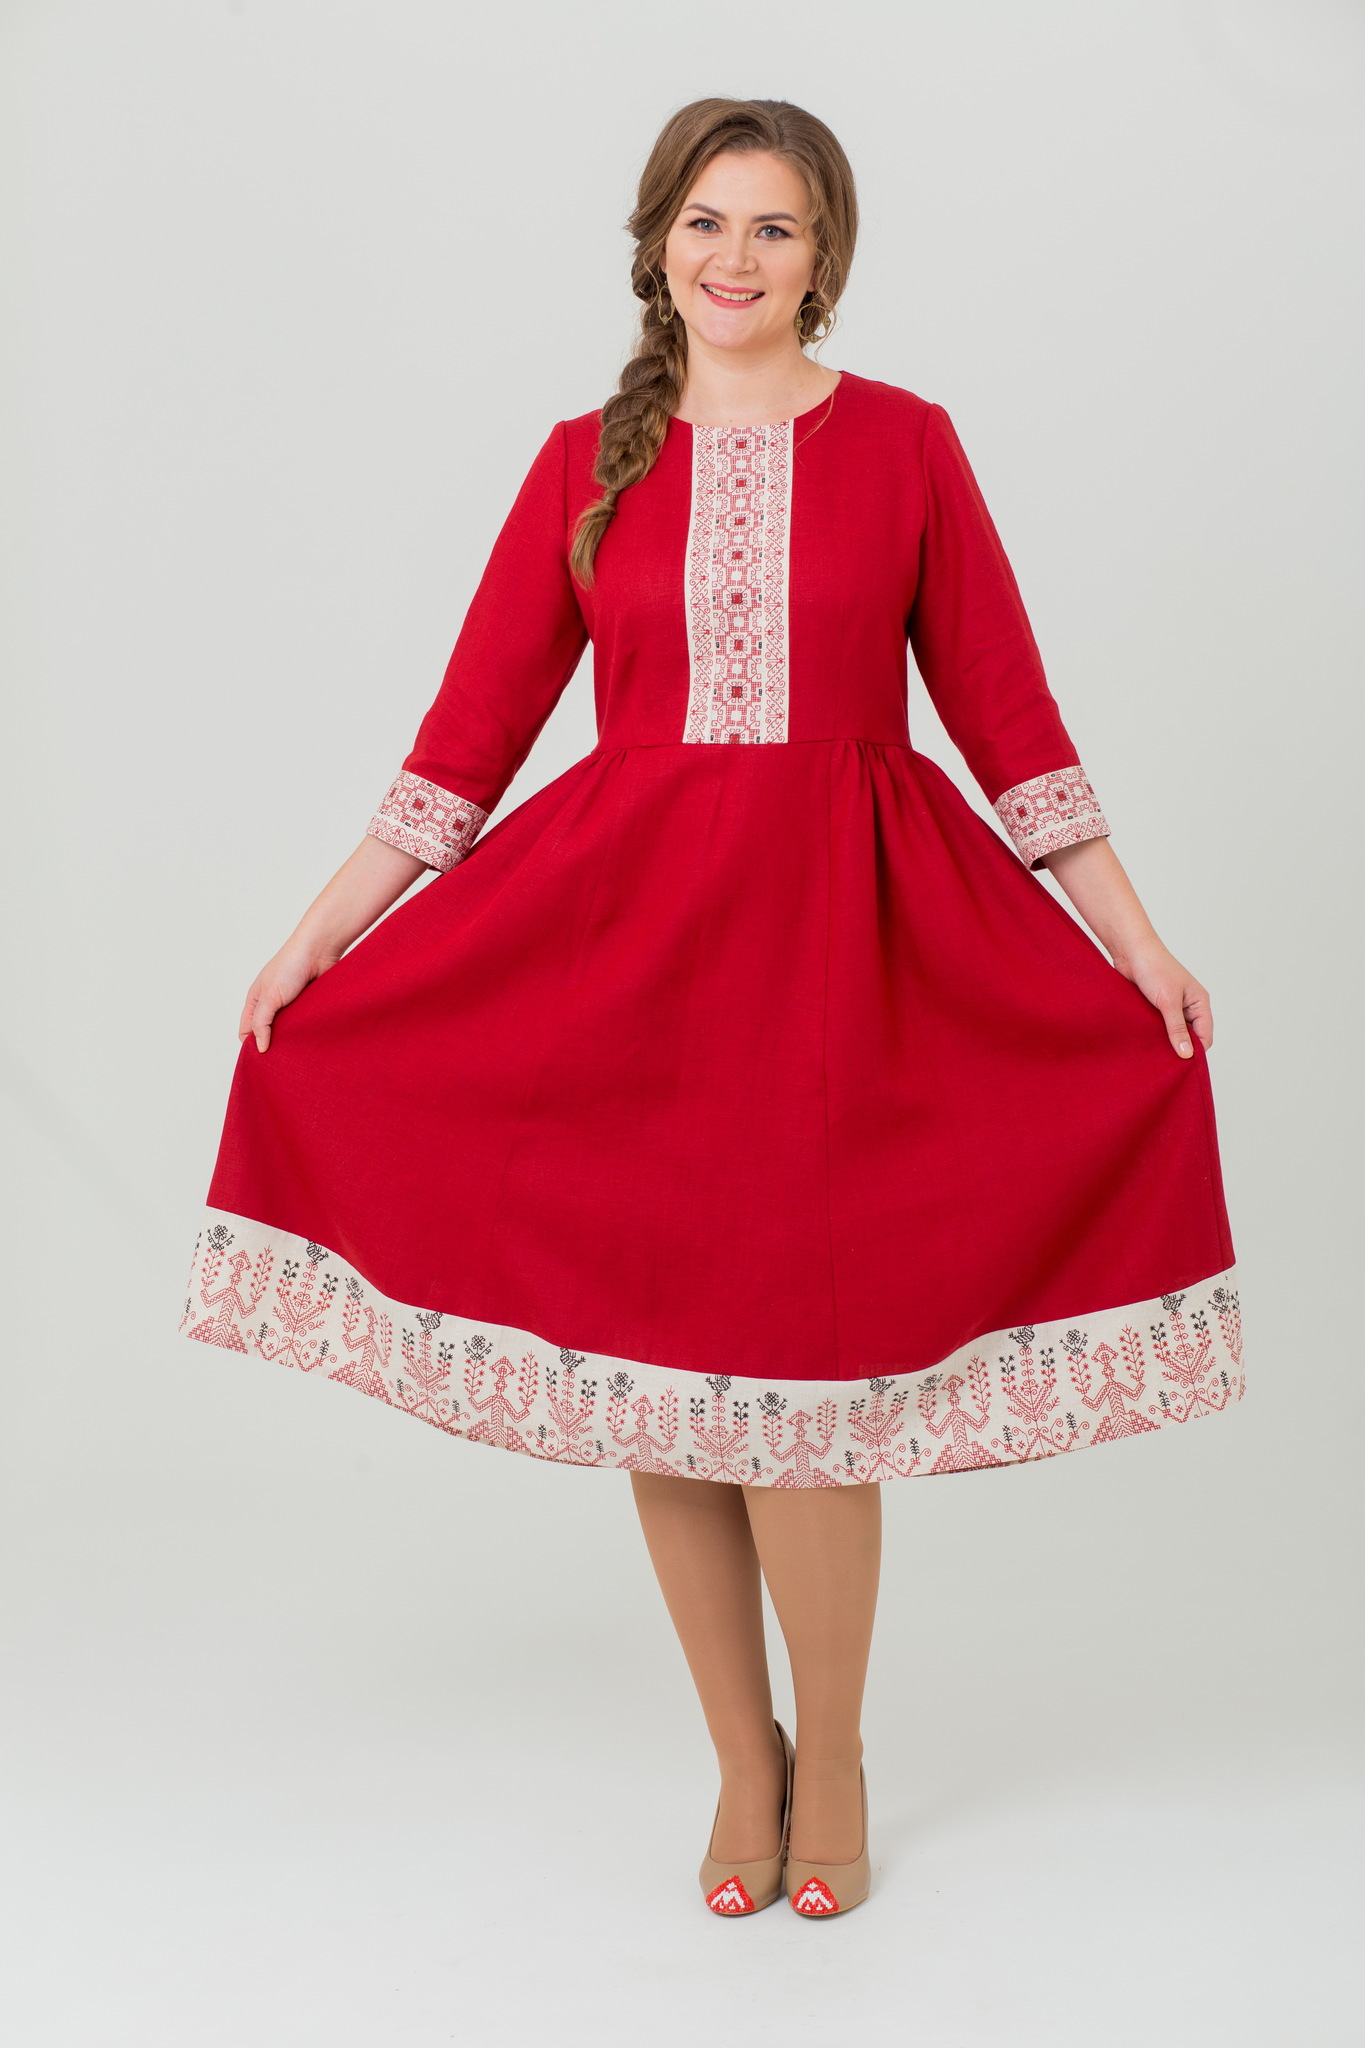 Льняное платье миди Вишнёвый сад с русским орнаментом